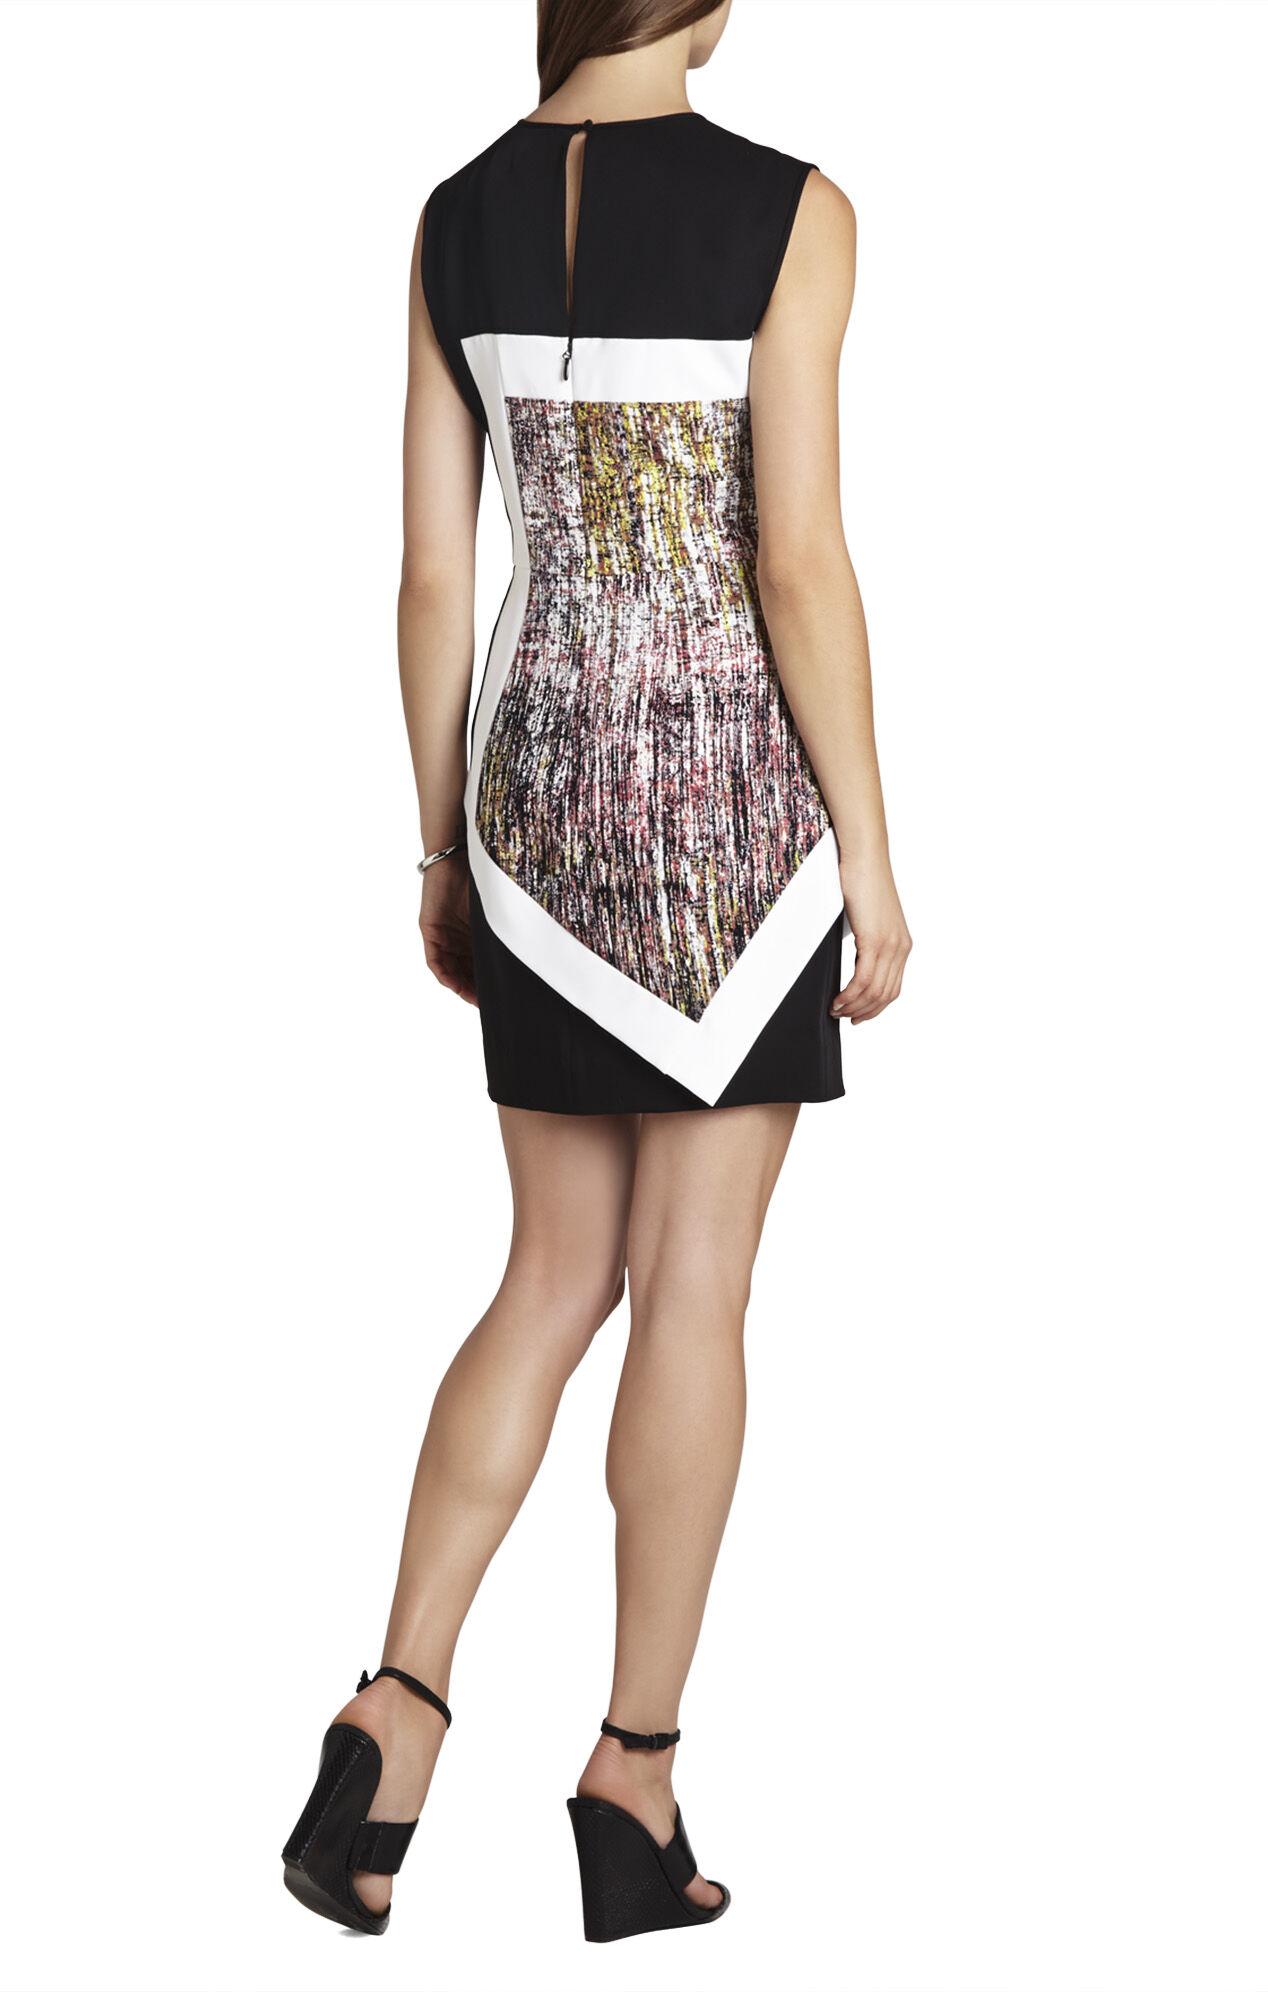 Alessandra Sleeveless Print-Blocked Dress